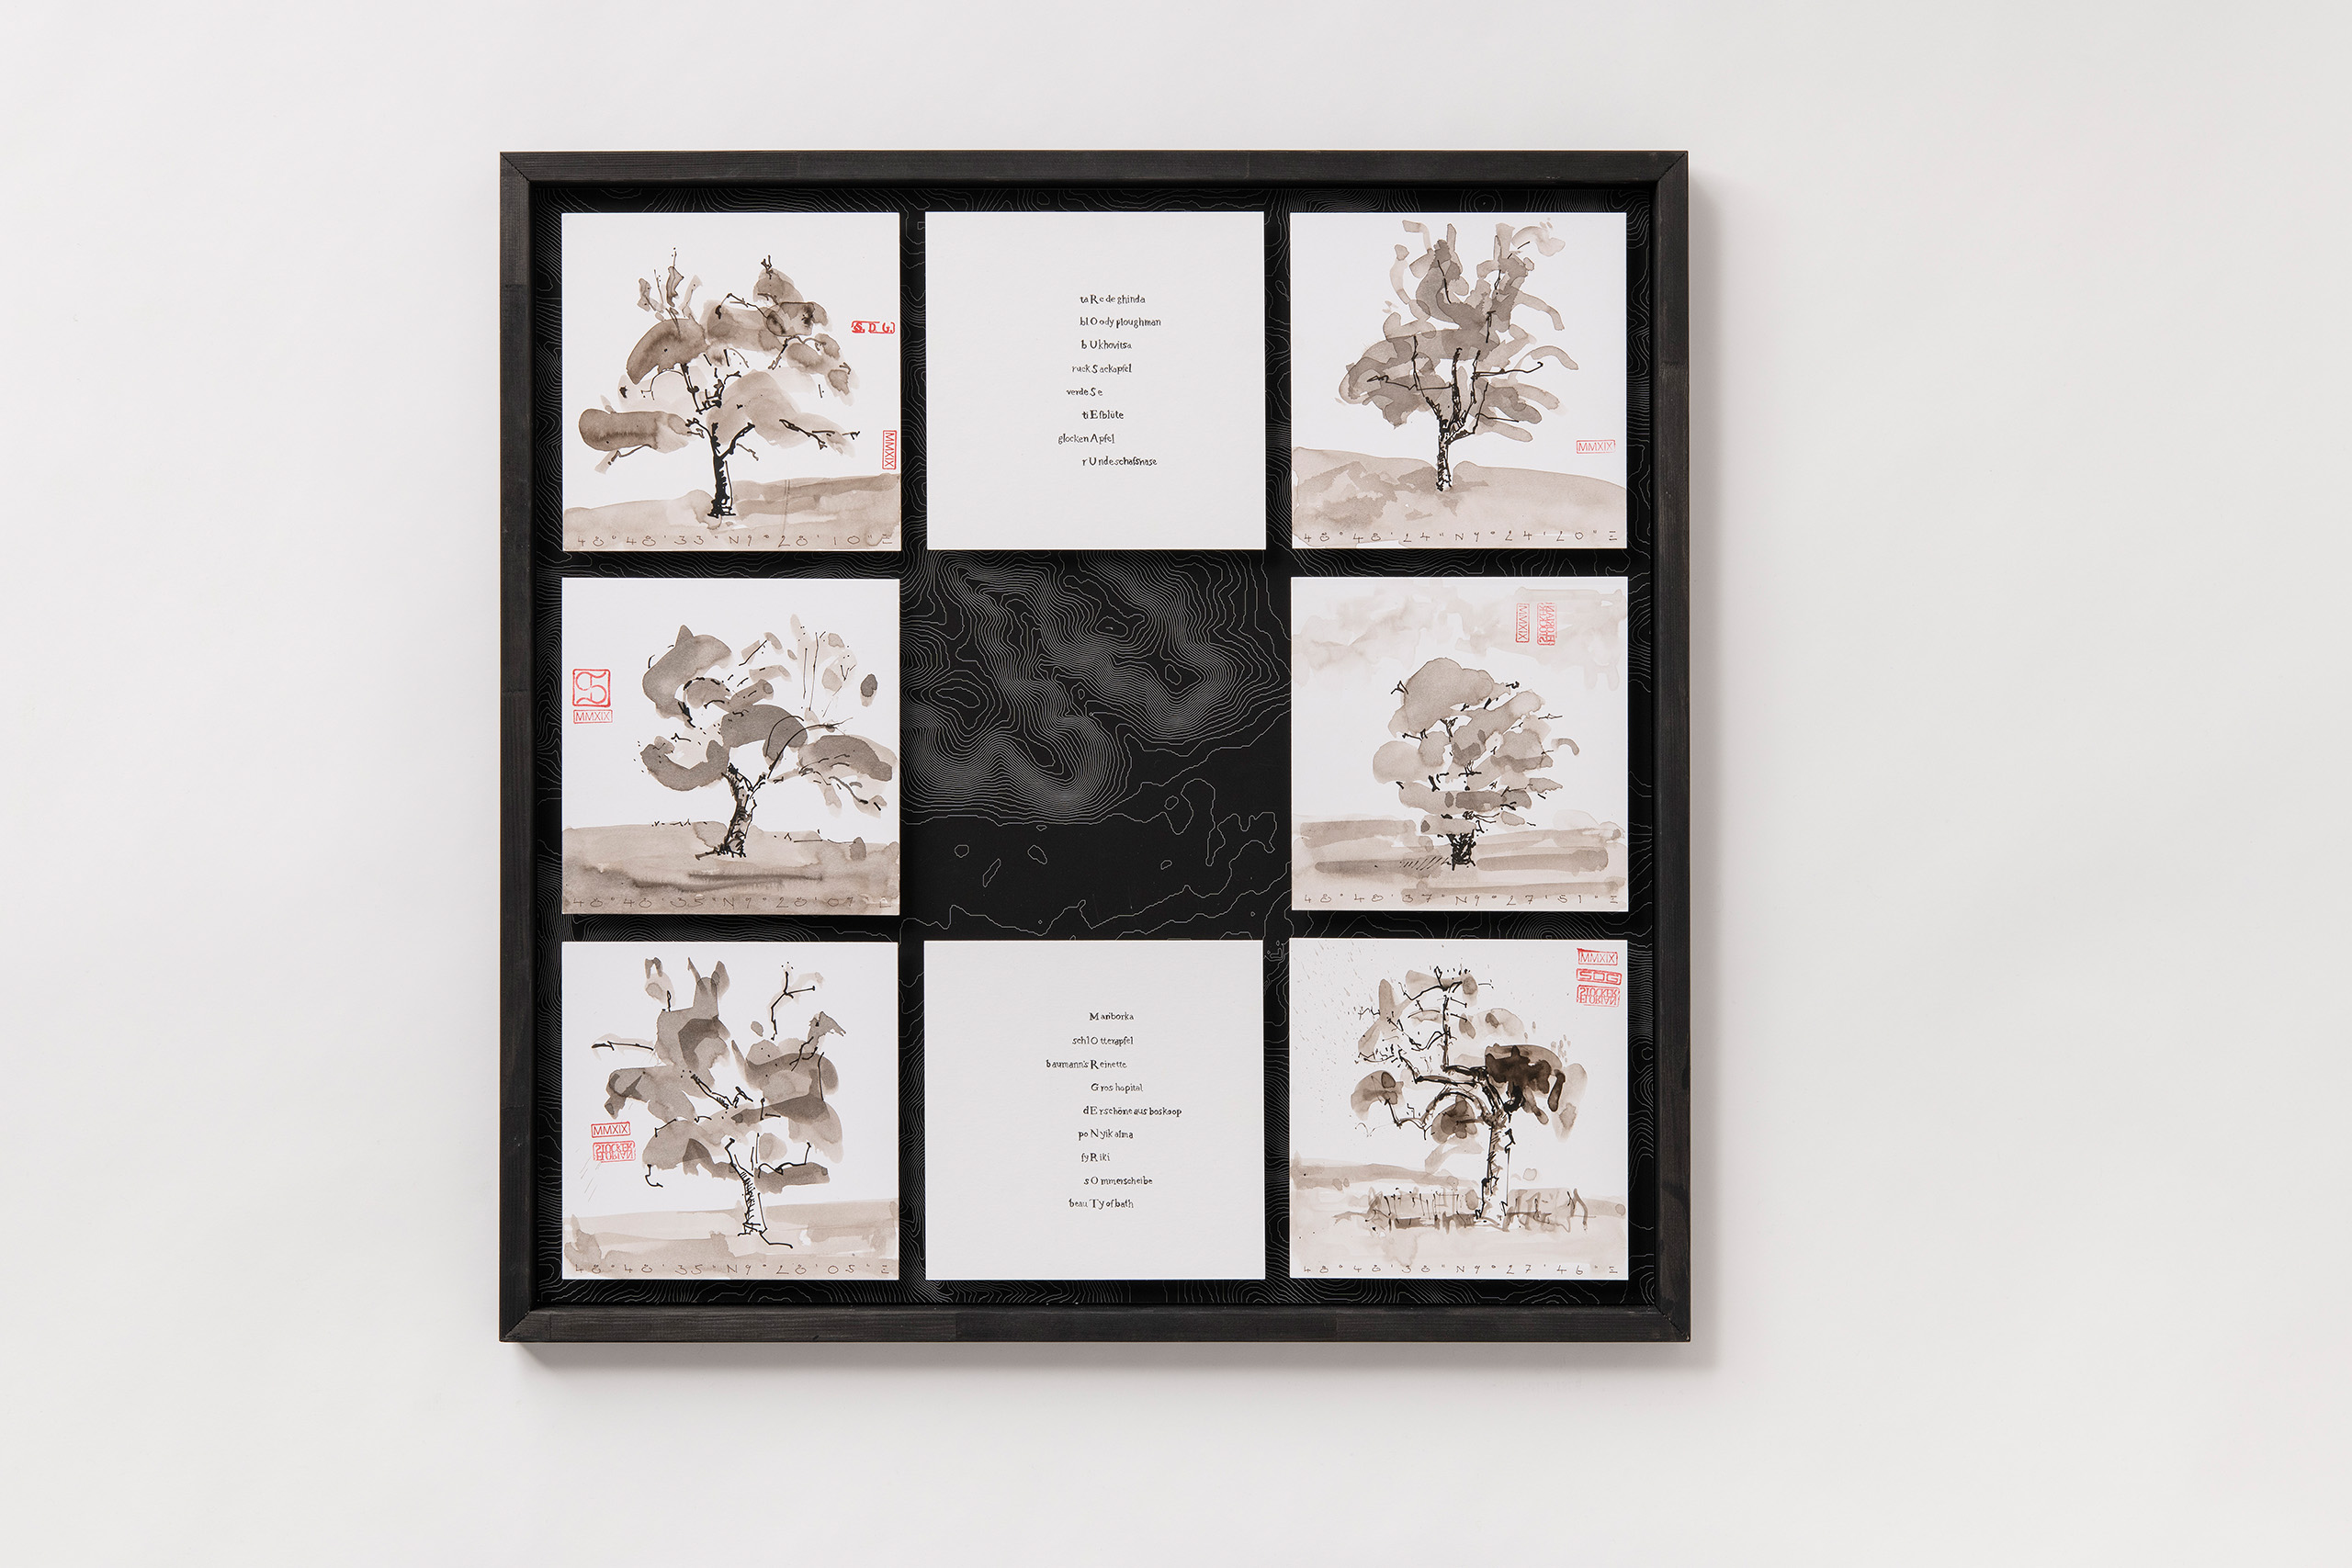 Florian Stocker, Wandernder Apfelhain 1 von 3, Tuschezeichnung mit Lavage auf Druckgraphik und Kalligraphiegedicht von Alec Finlay, 70 cm x 70 cm